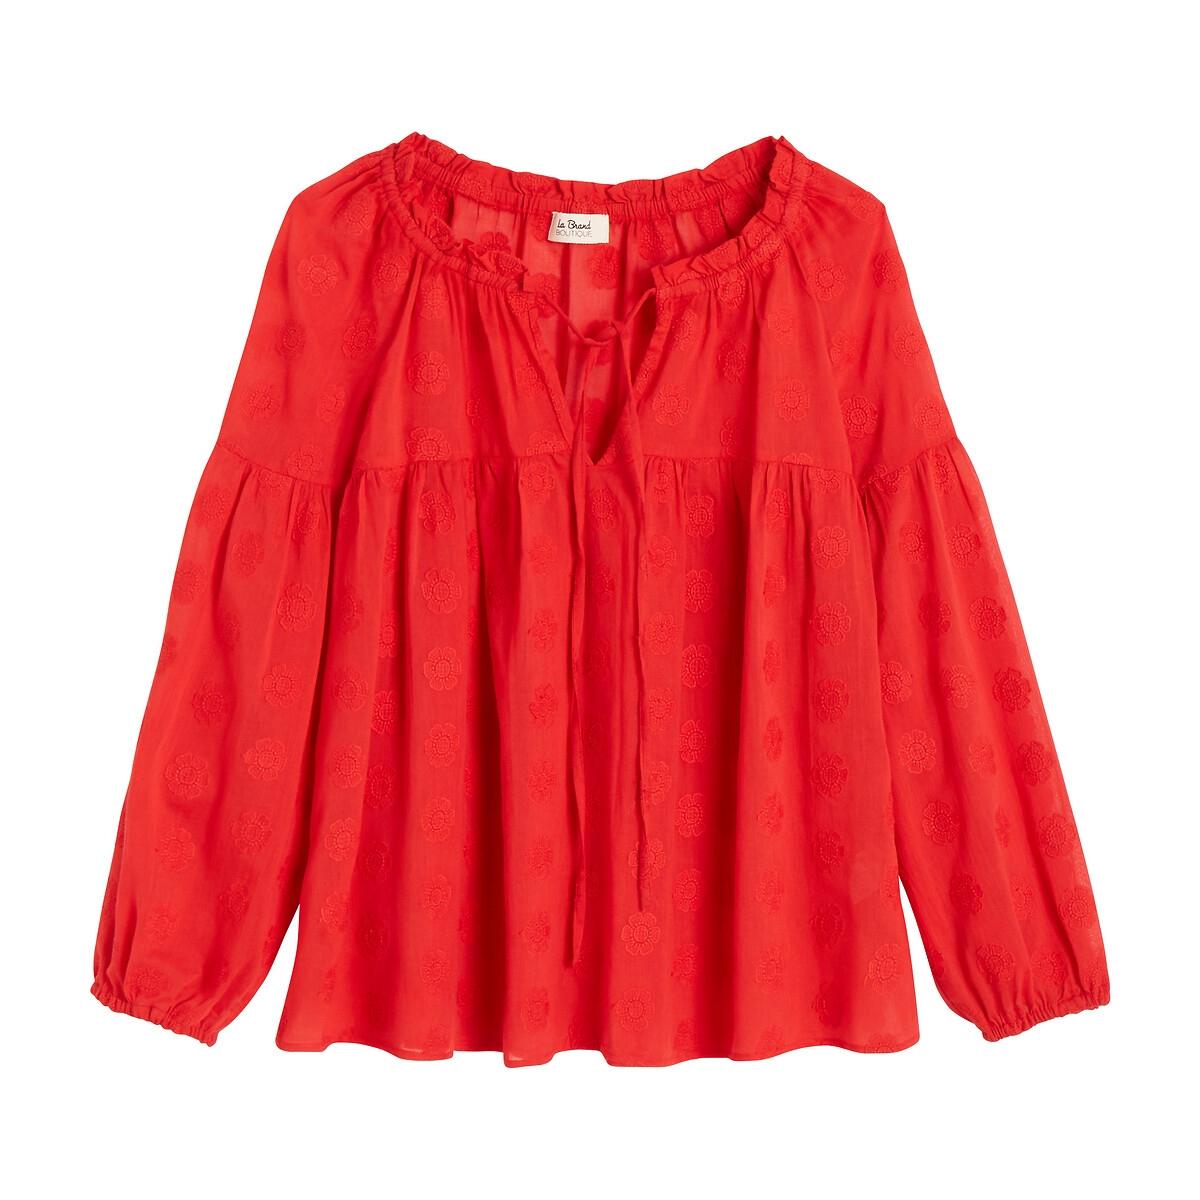 Блузка La Redoute Широкая с круглым вырезом и длинными рукавами MARILOU 36 (FR) - 42 (RUS) красный cite marilou